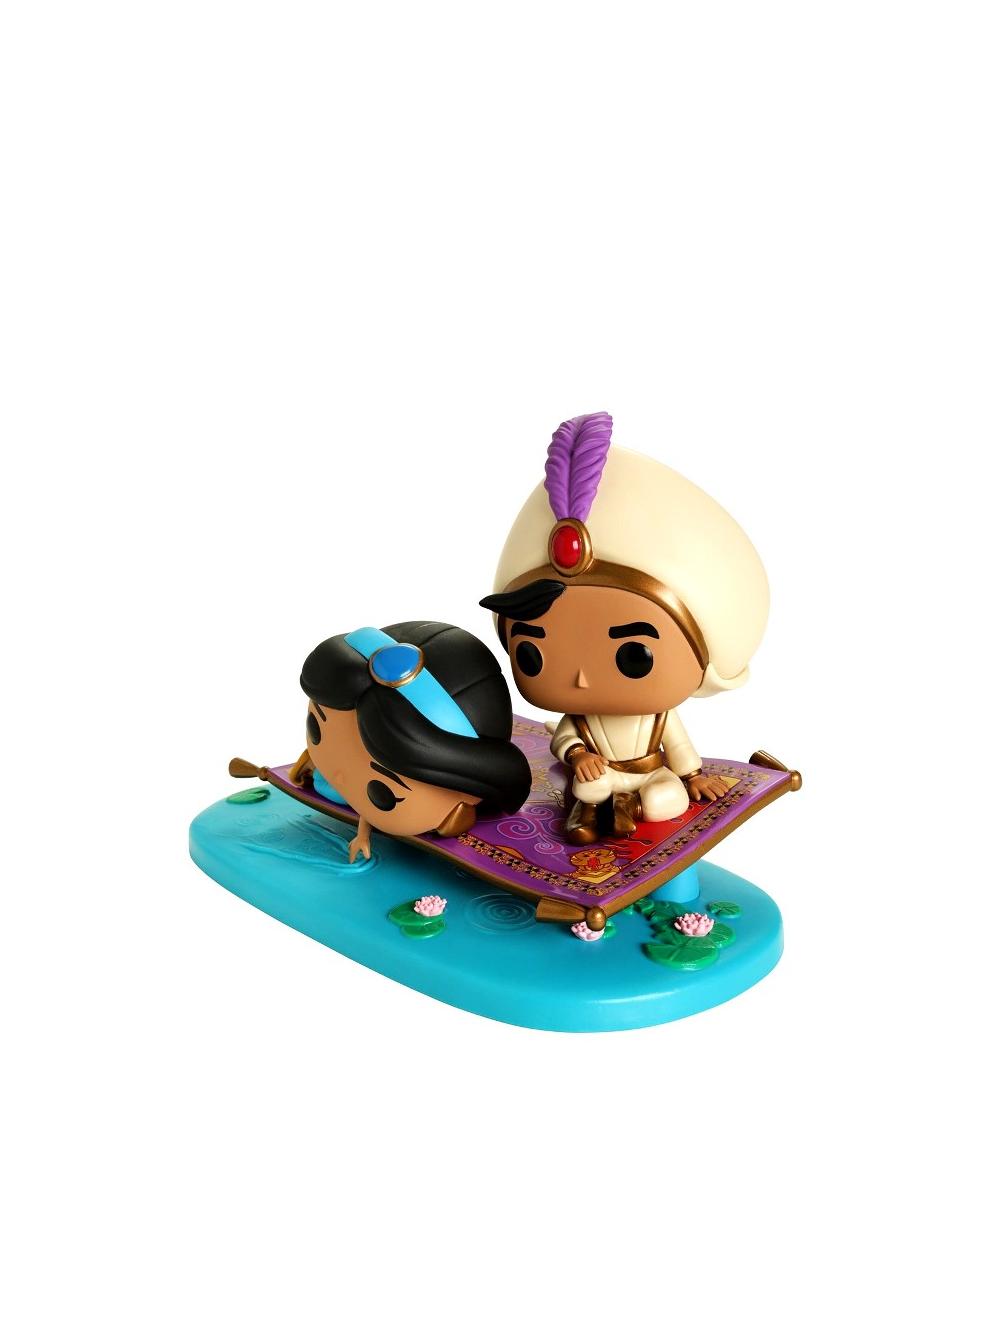 Funko Pop! Movie Moments Aladdin - Magic Carpet Ride Vinyl Figura 15cm